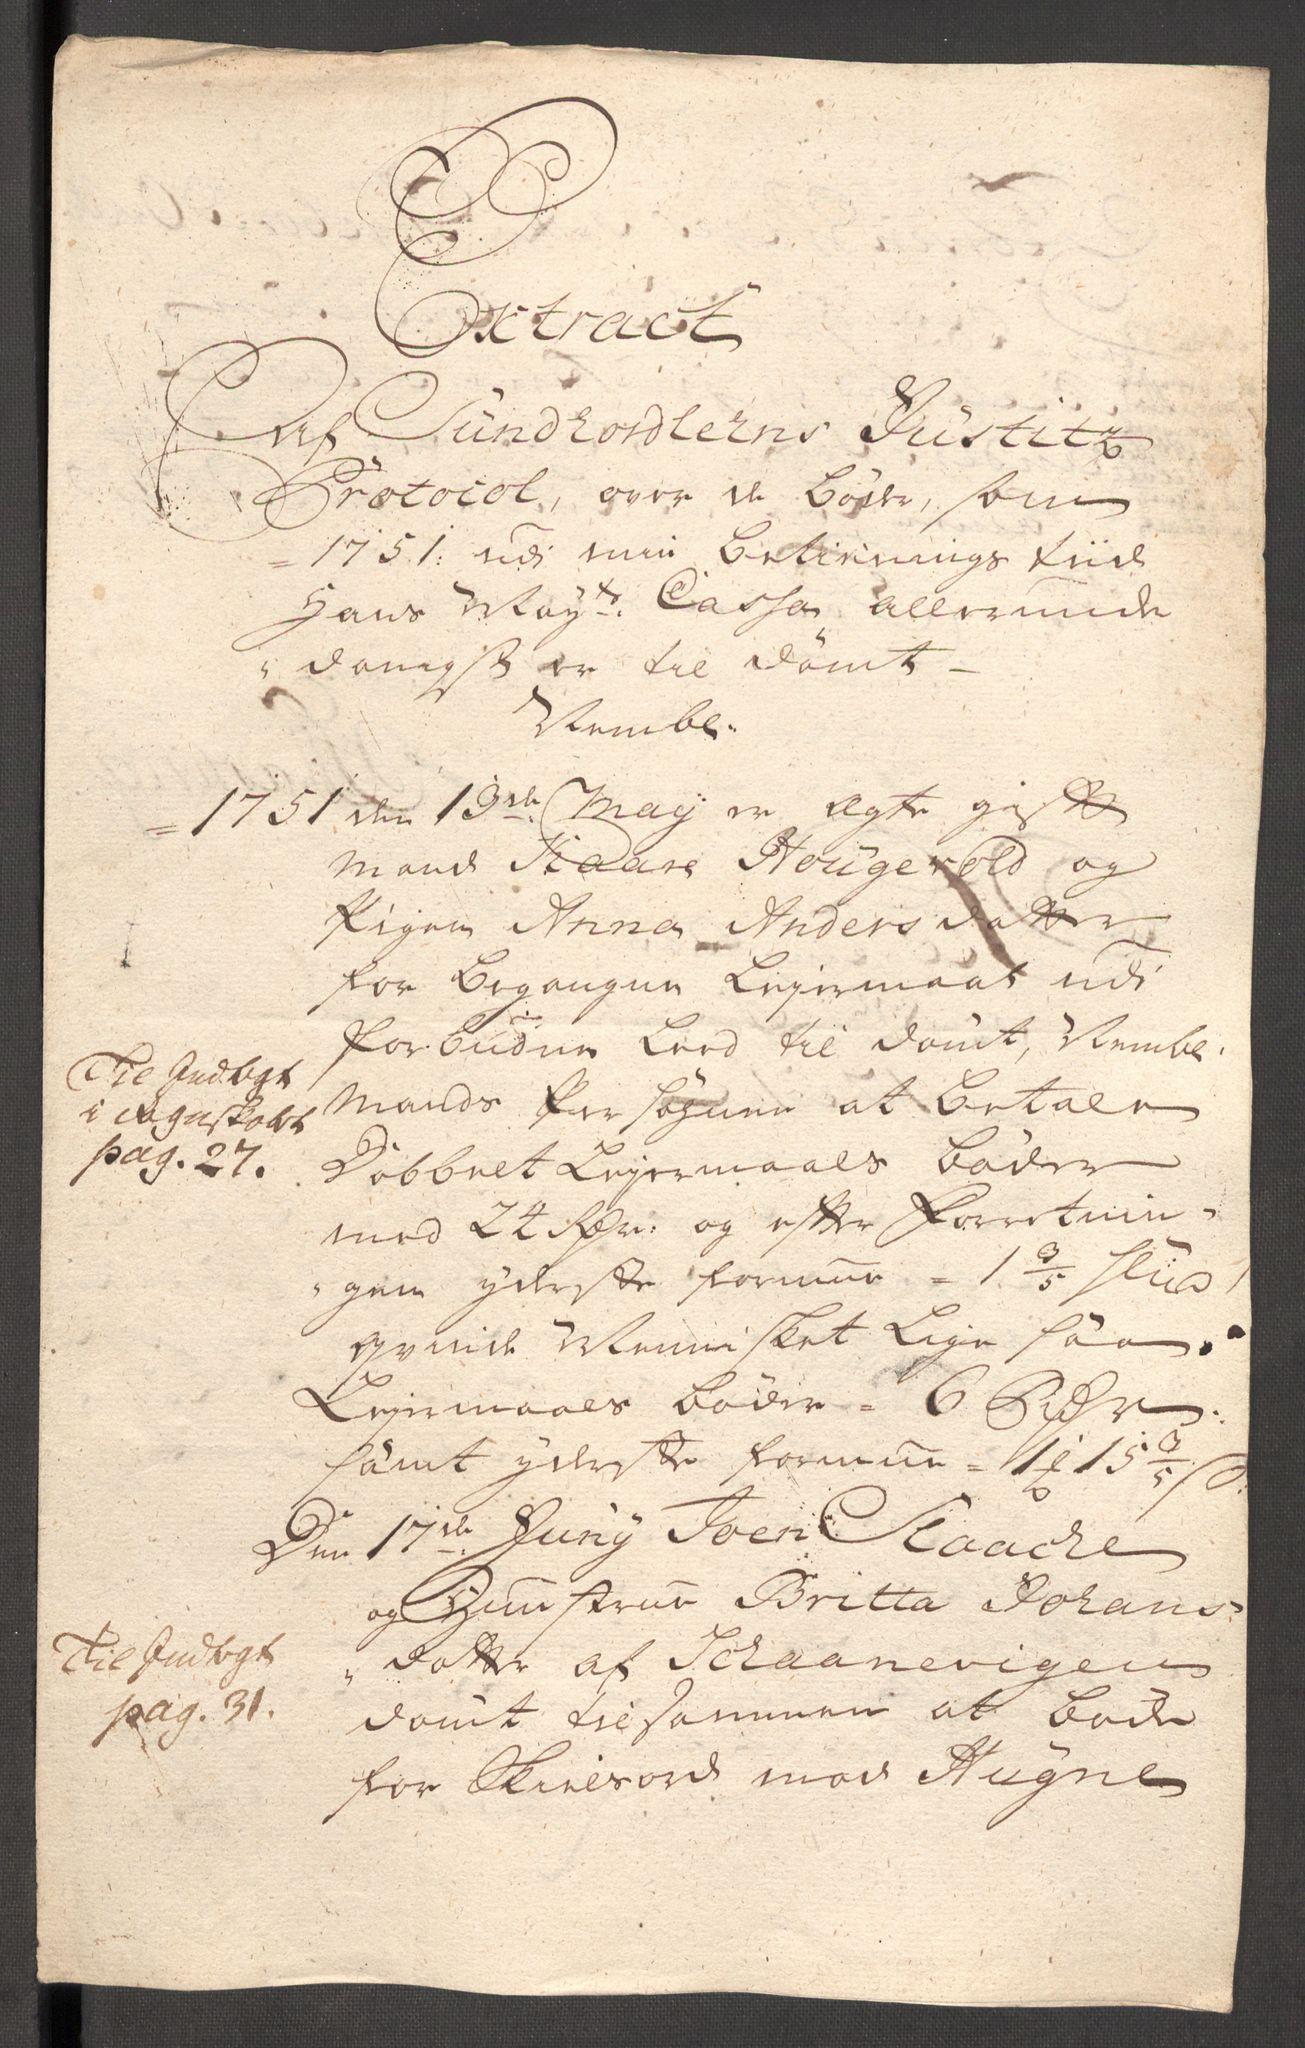 RA, Rentekammeret inntil 1814, Reviderte regnskaper, Fogderegnskap, R48/L3056: Fogderegnskap Sunnhordland og Hardanger, 1751, s. 198